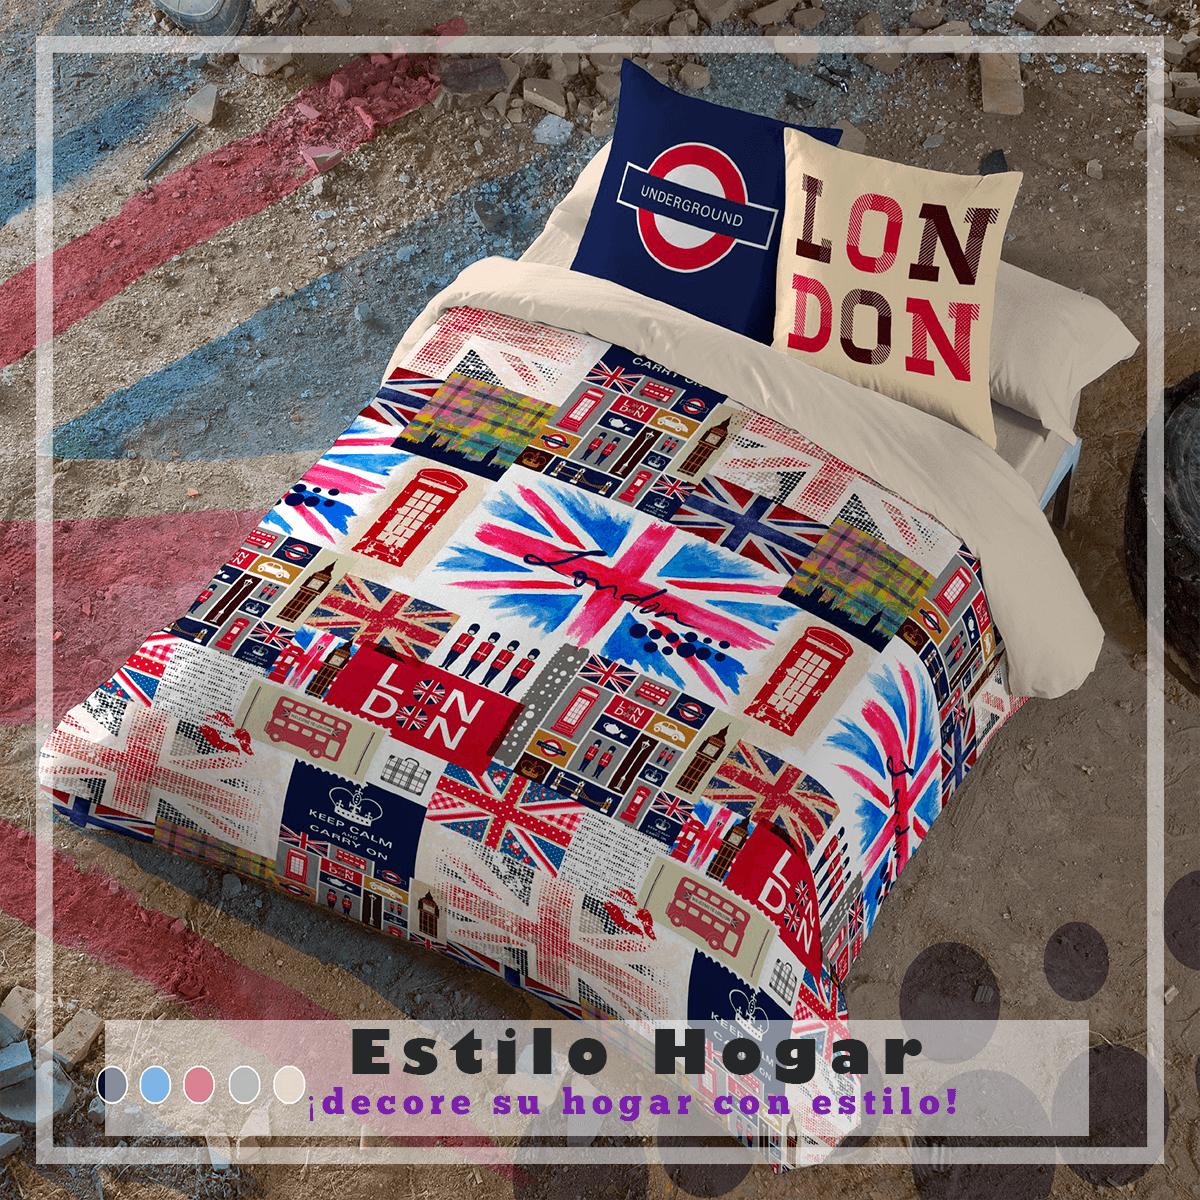 Funda Nordica Underground.Funda Nordica Britain La Tienda Textil Nº1 En Toda Espana